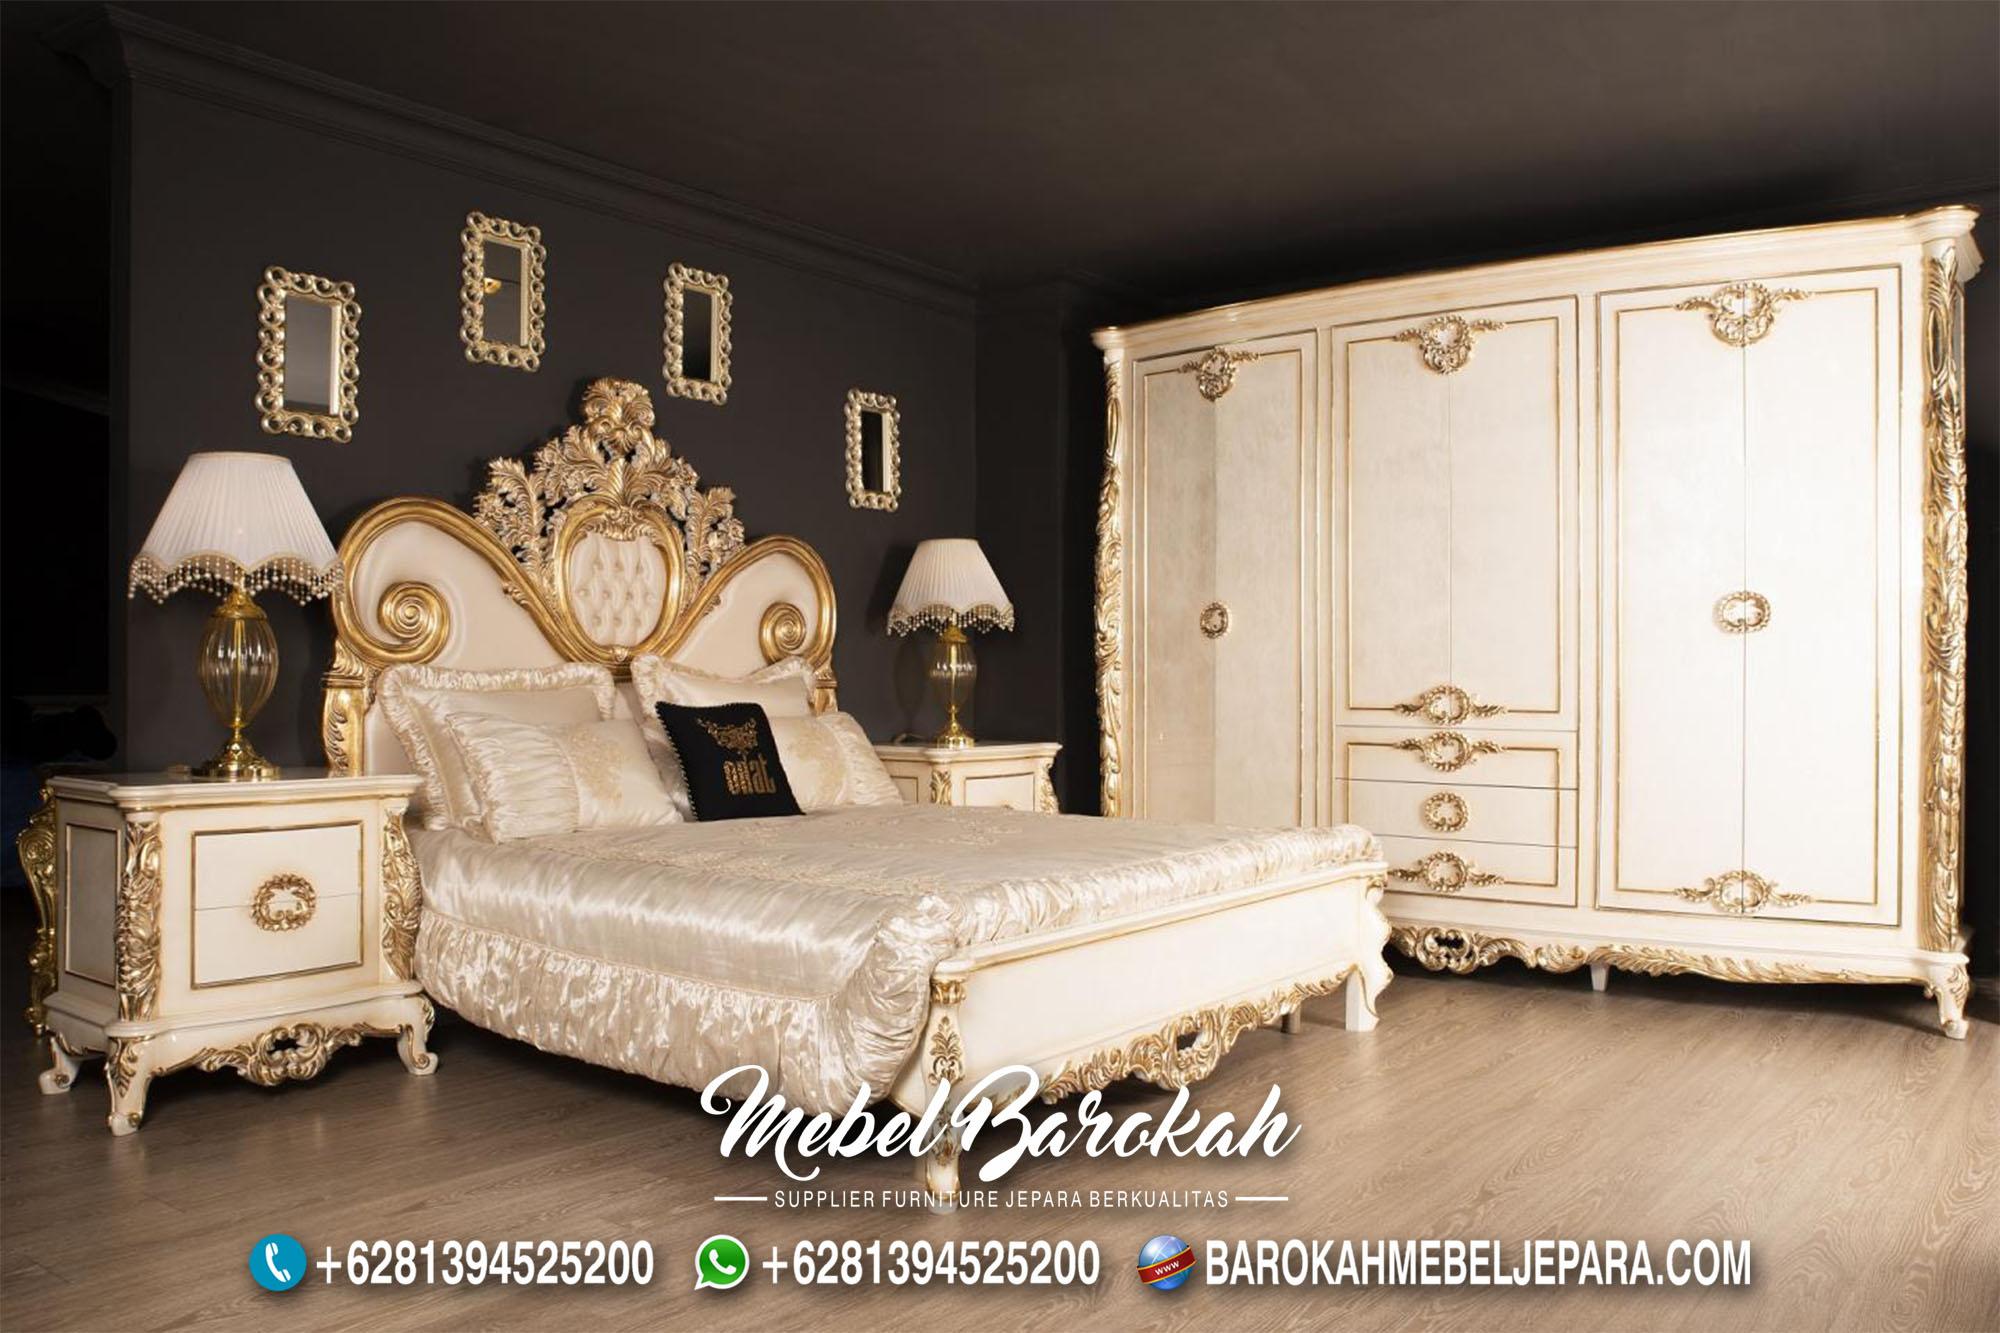 Inspirasi Dekorasi Desain Kamar Klasik Ukir Jepara Mewah MB-632